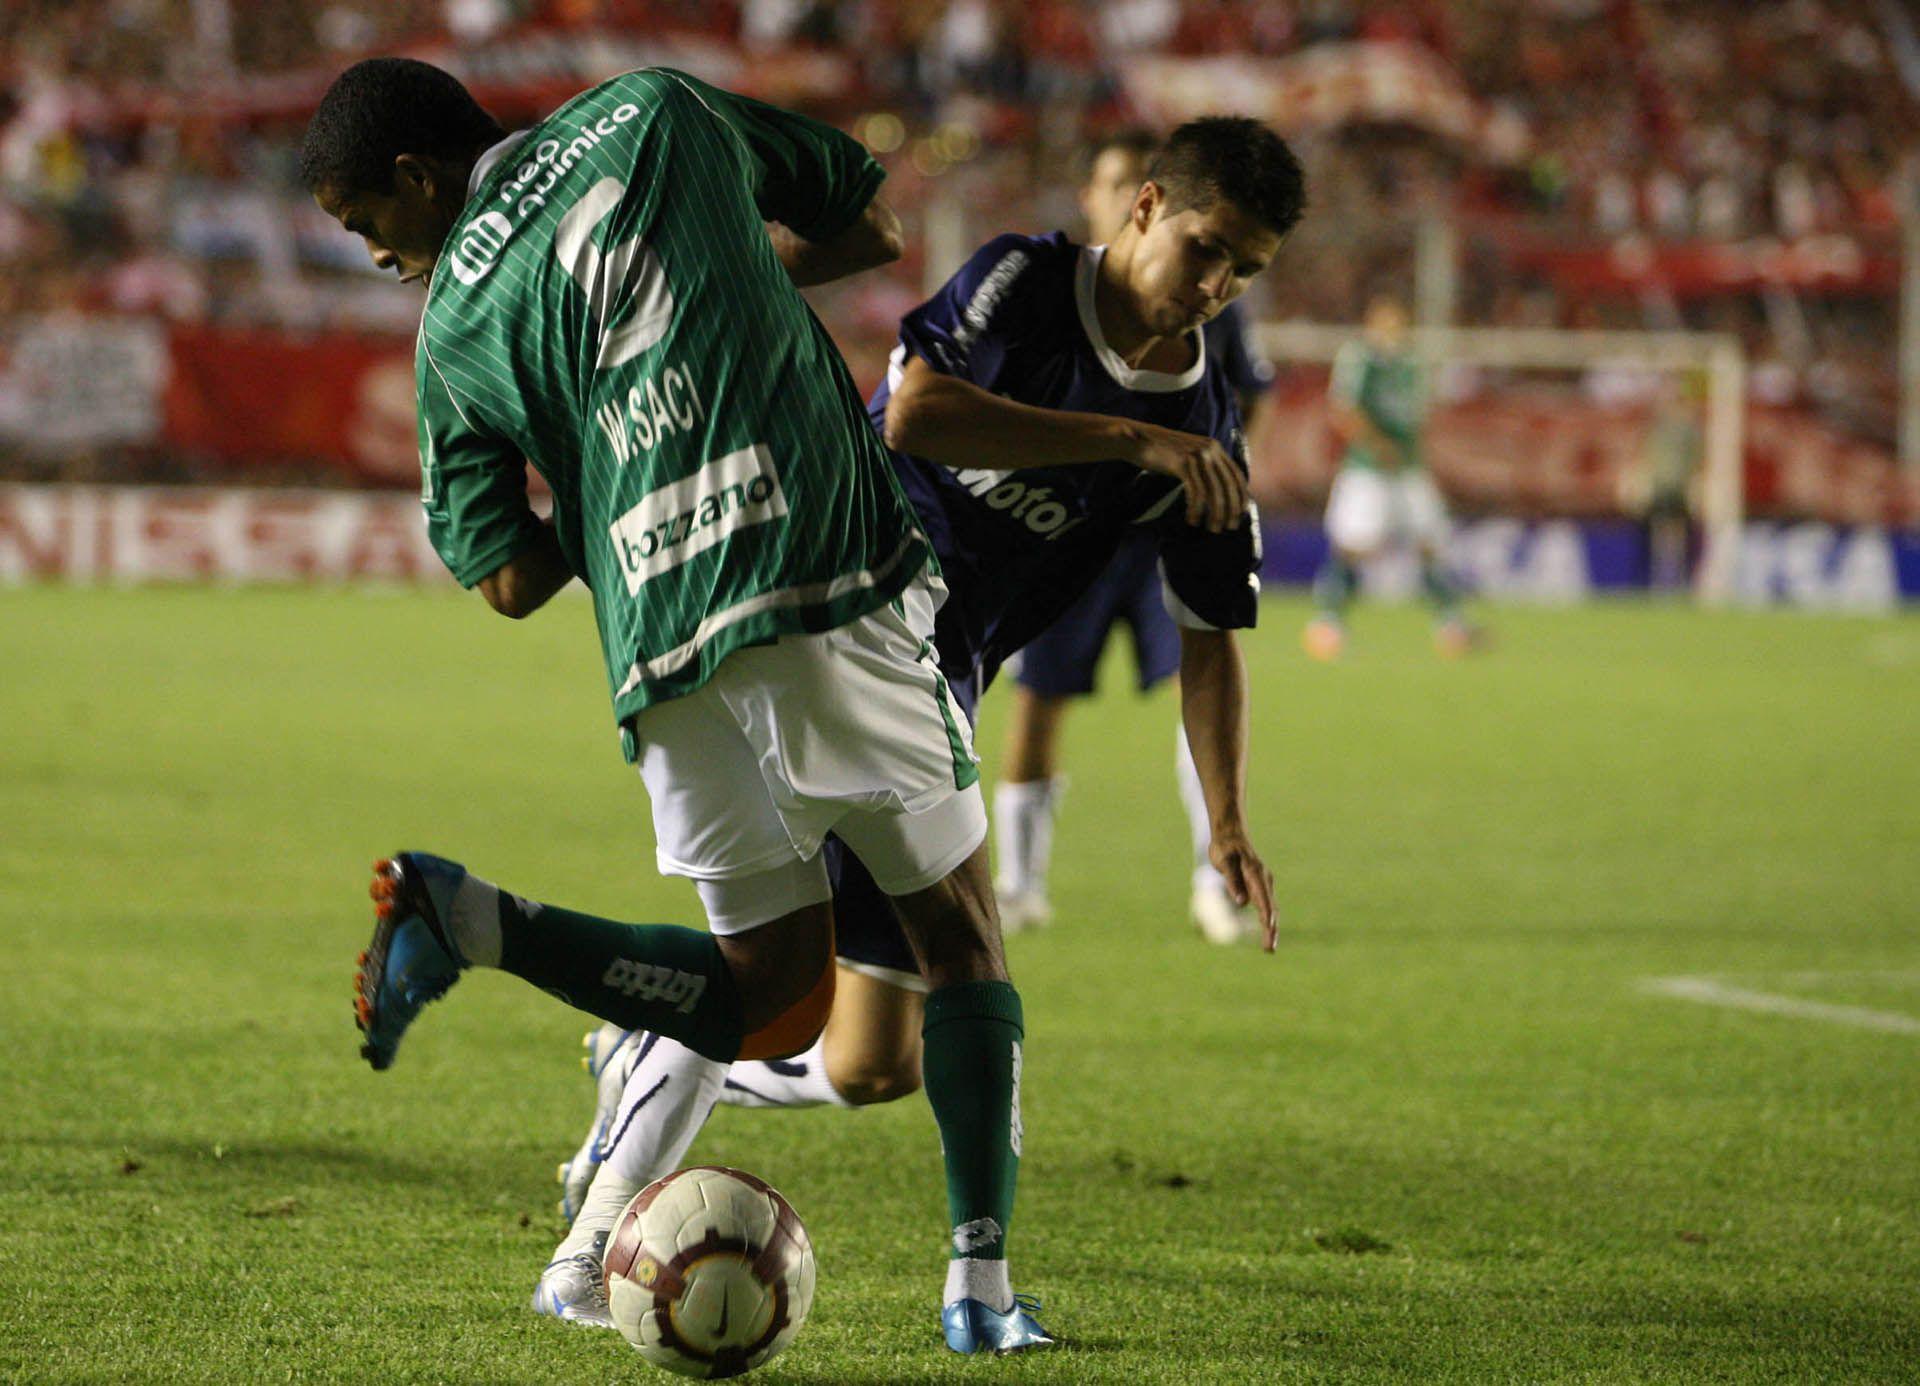 Independiente Goias 2010 Patito Rodriguez